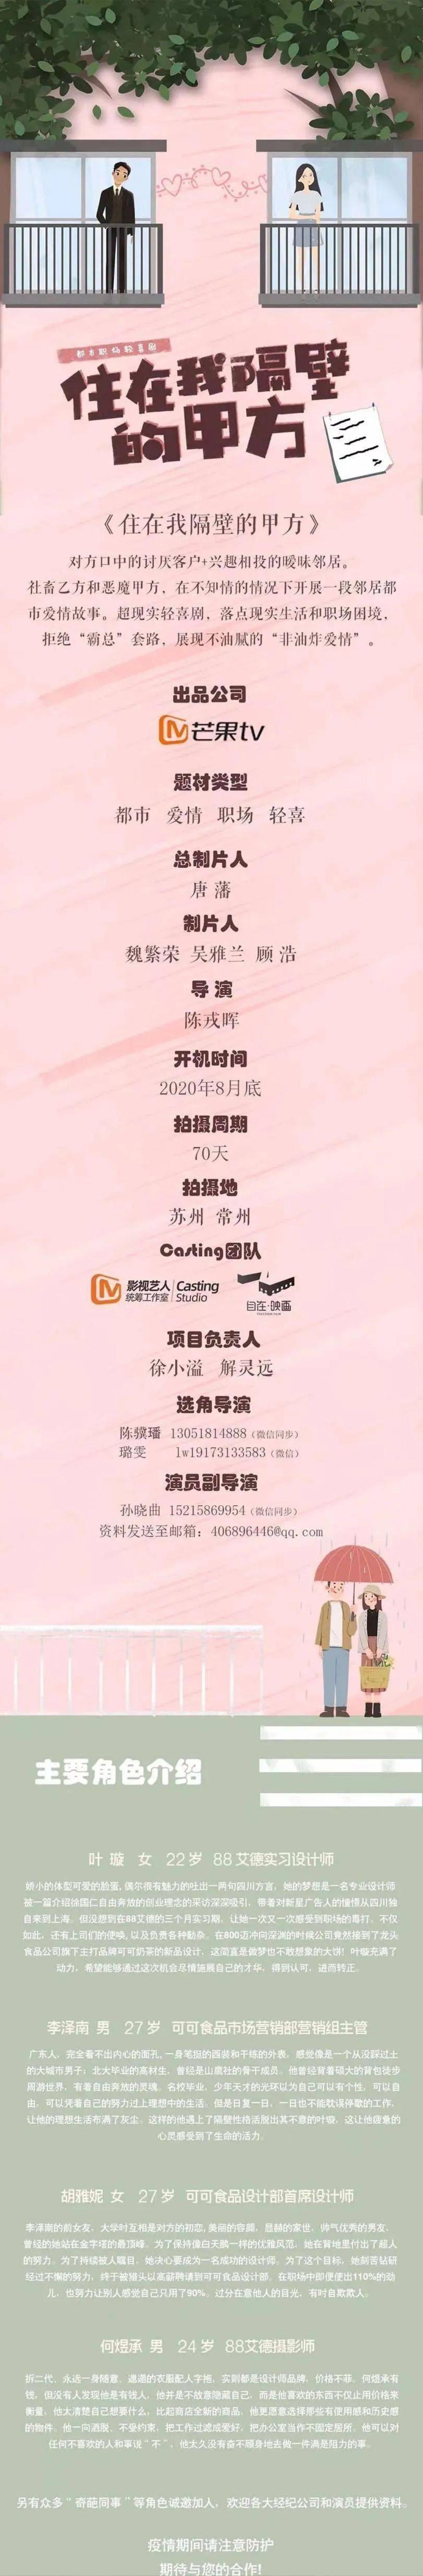 Trương Tân Thành lần đầu nên duyên cùng Ngô Tuyên Nghi trong phim mới 'Bên A sống cạnh nhà tôi'? Ảnh 1